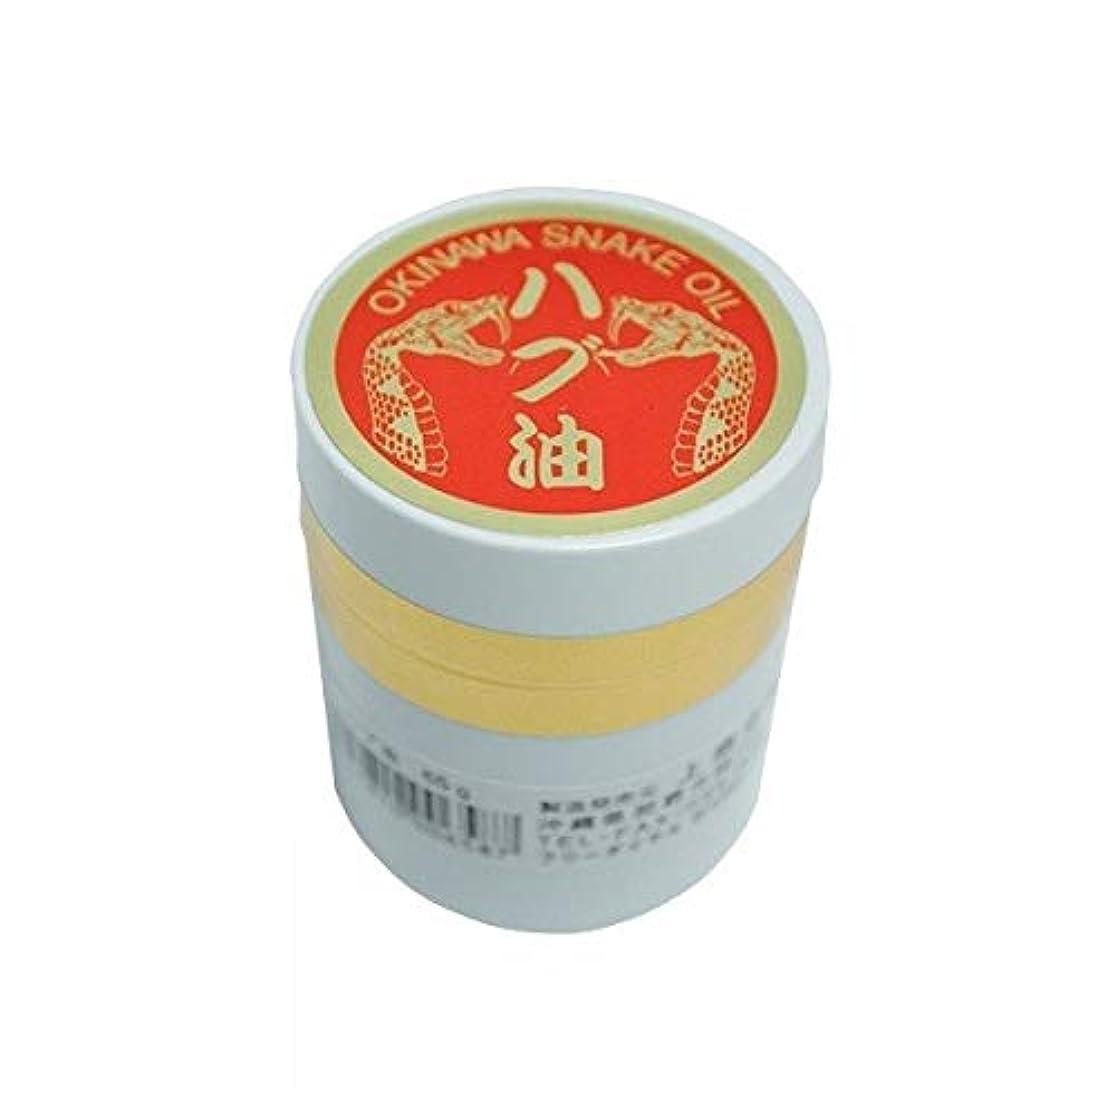 のりアコード凝視沖縄産 ハブ油 65g 軟膏タイプ